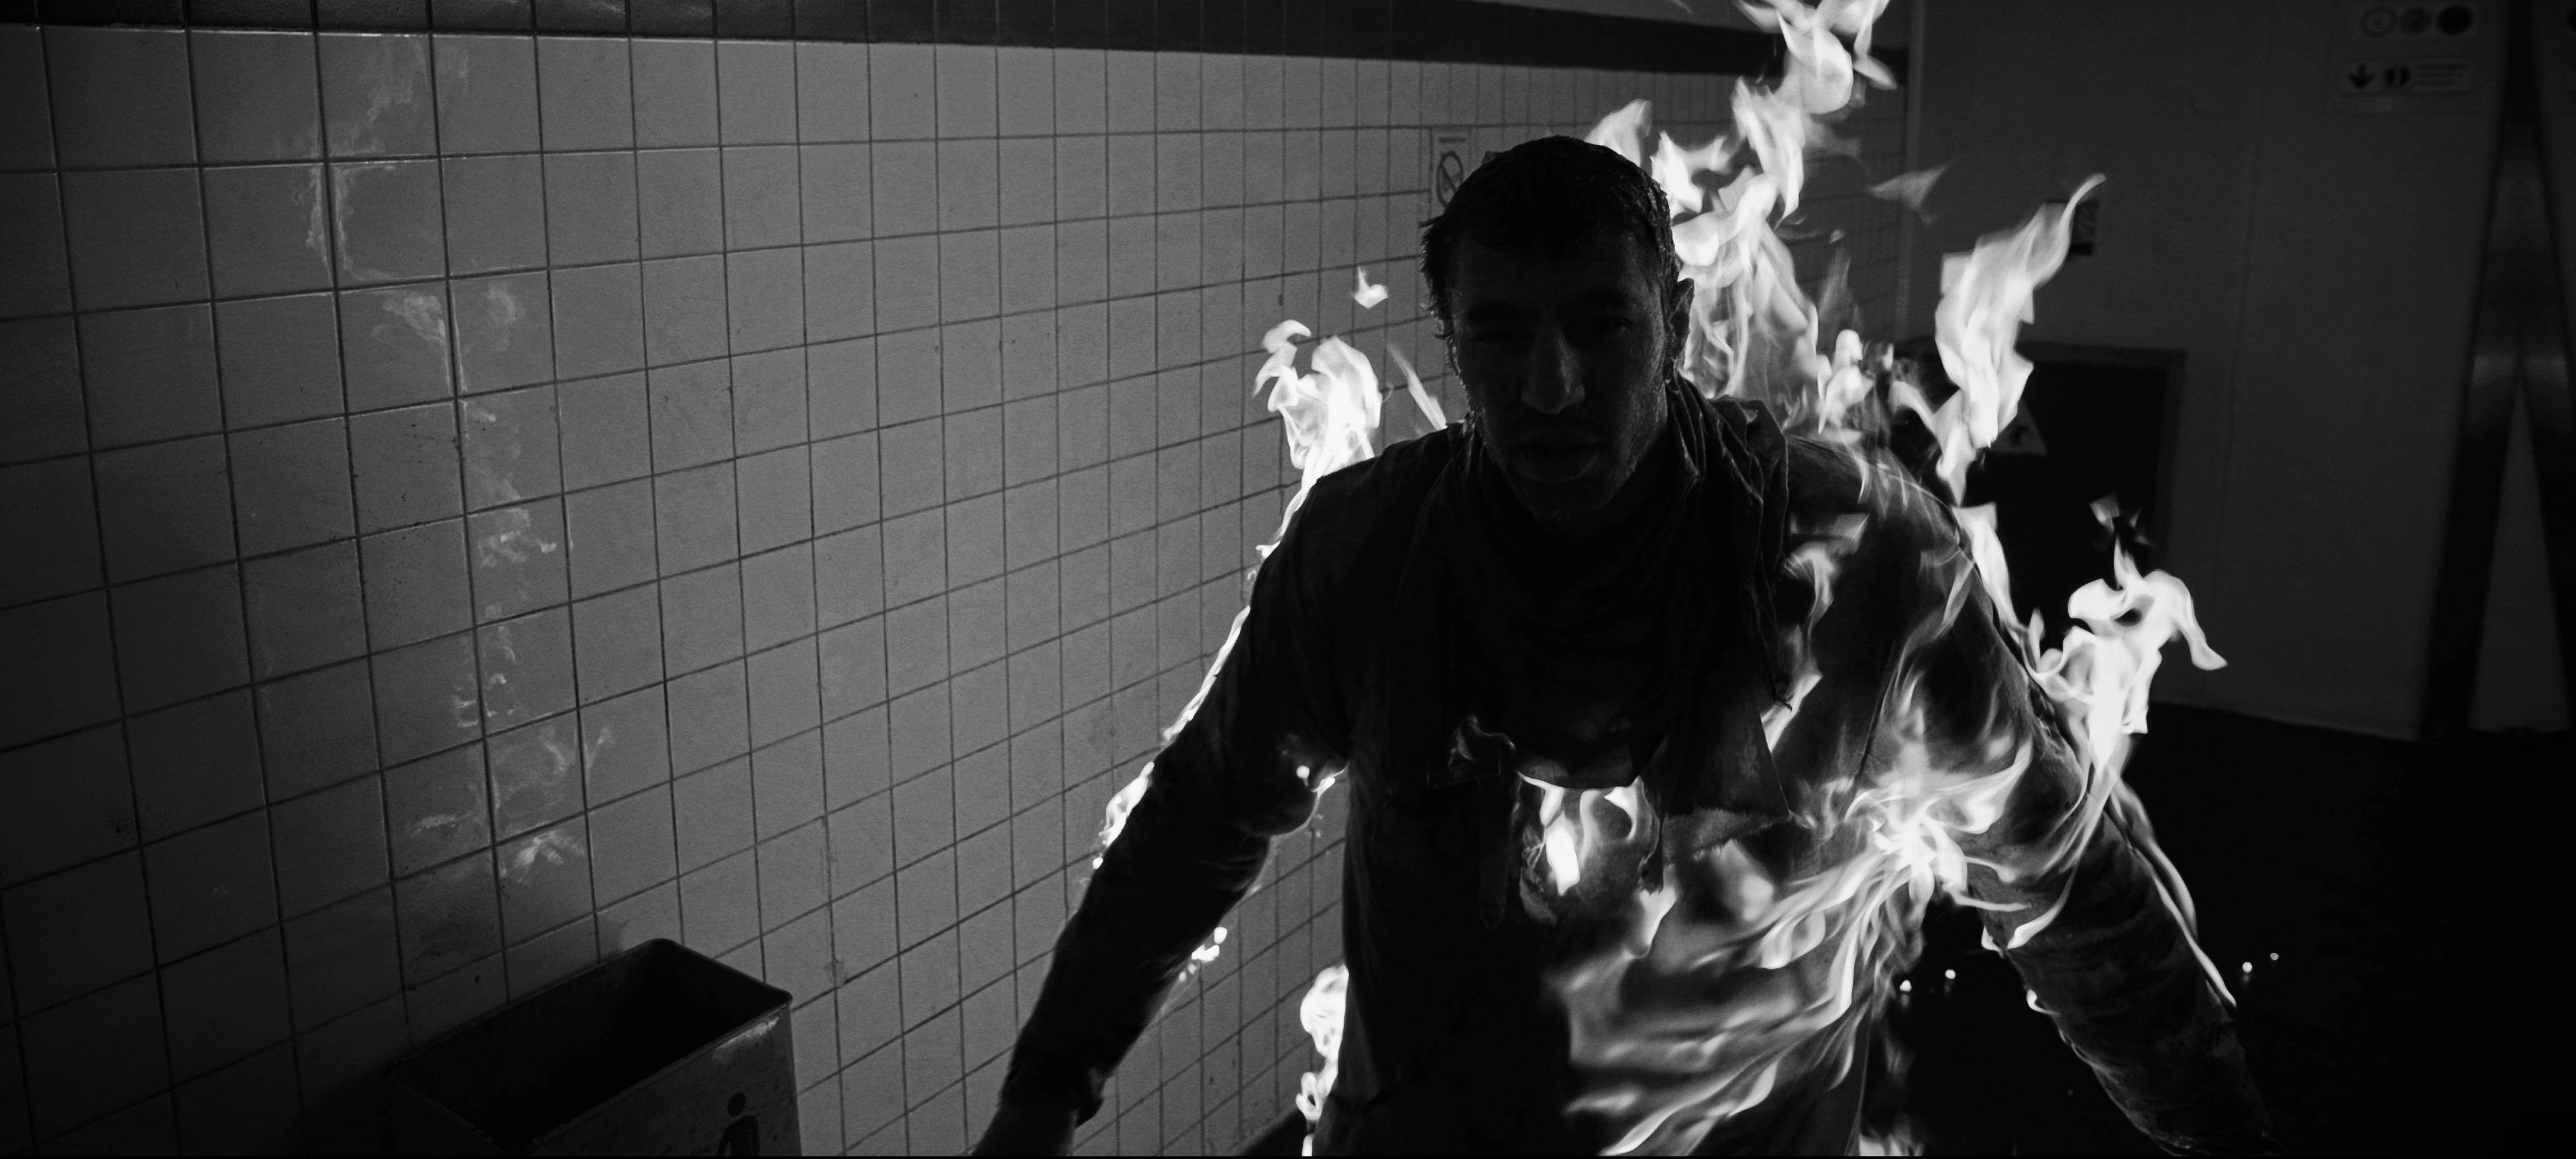 cascade effet speciaux feu pour film court métrage